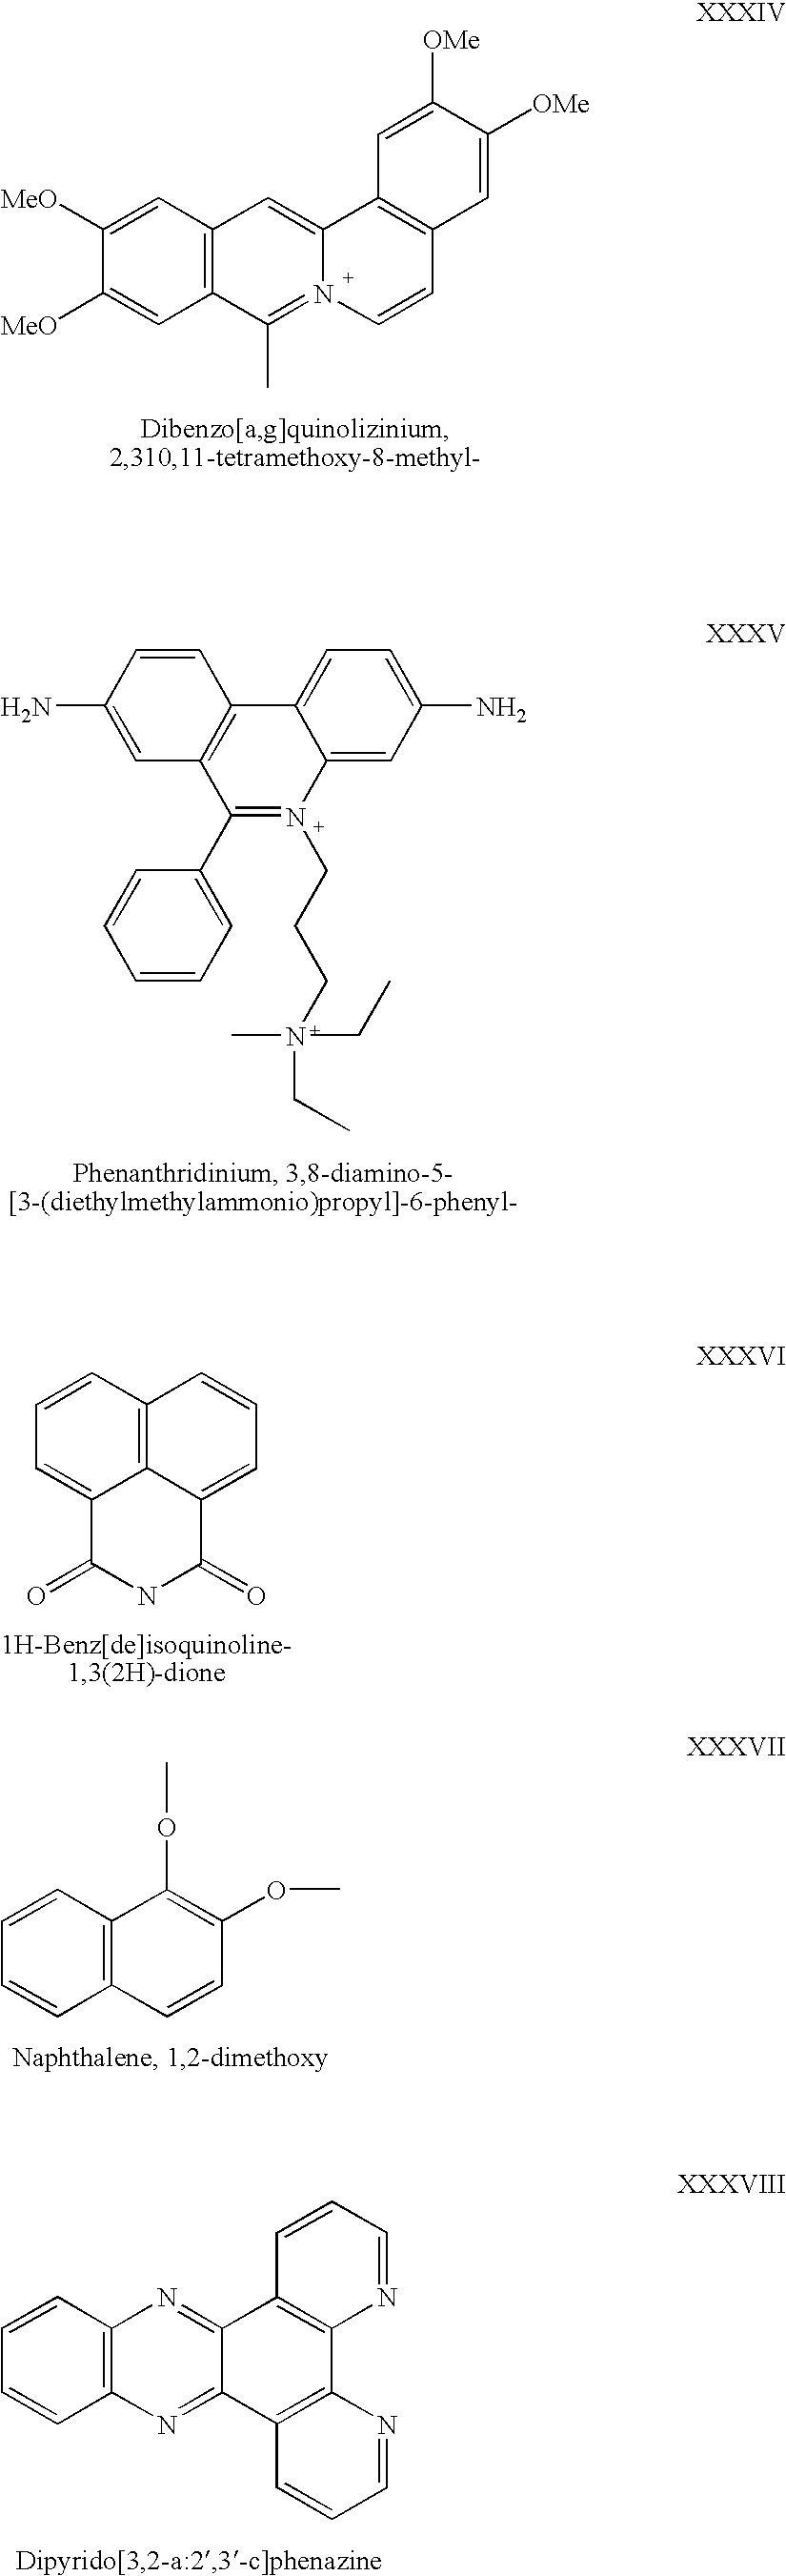 Figure US20060014144A1-20060119-C00069